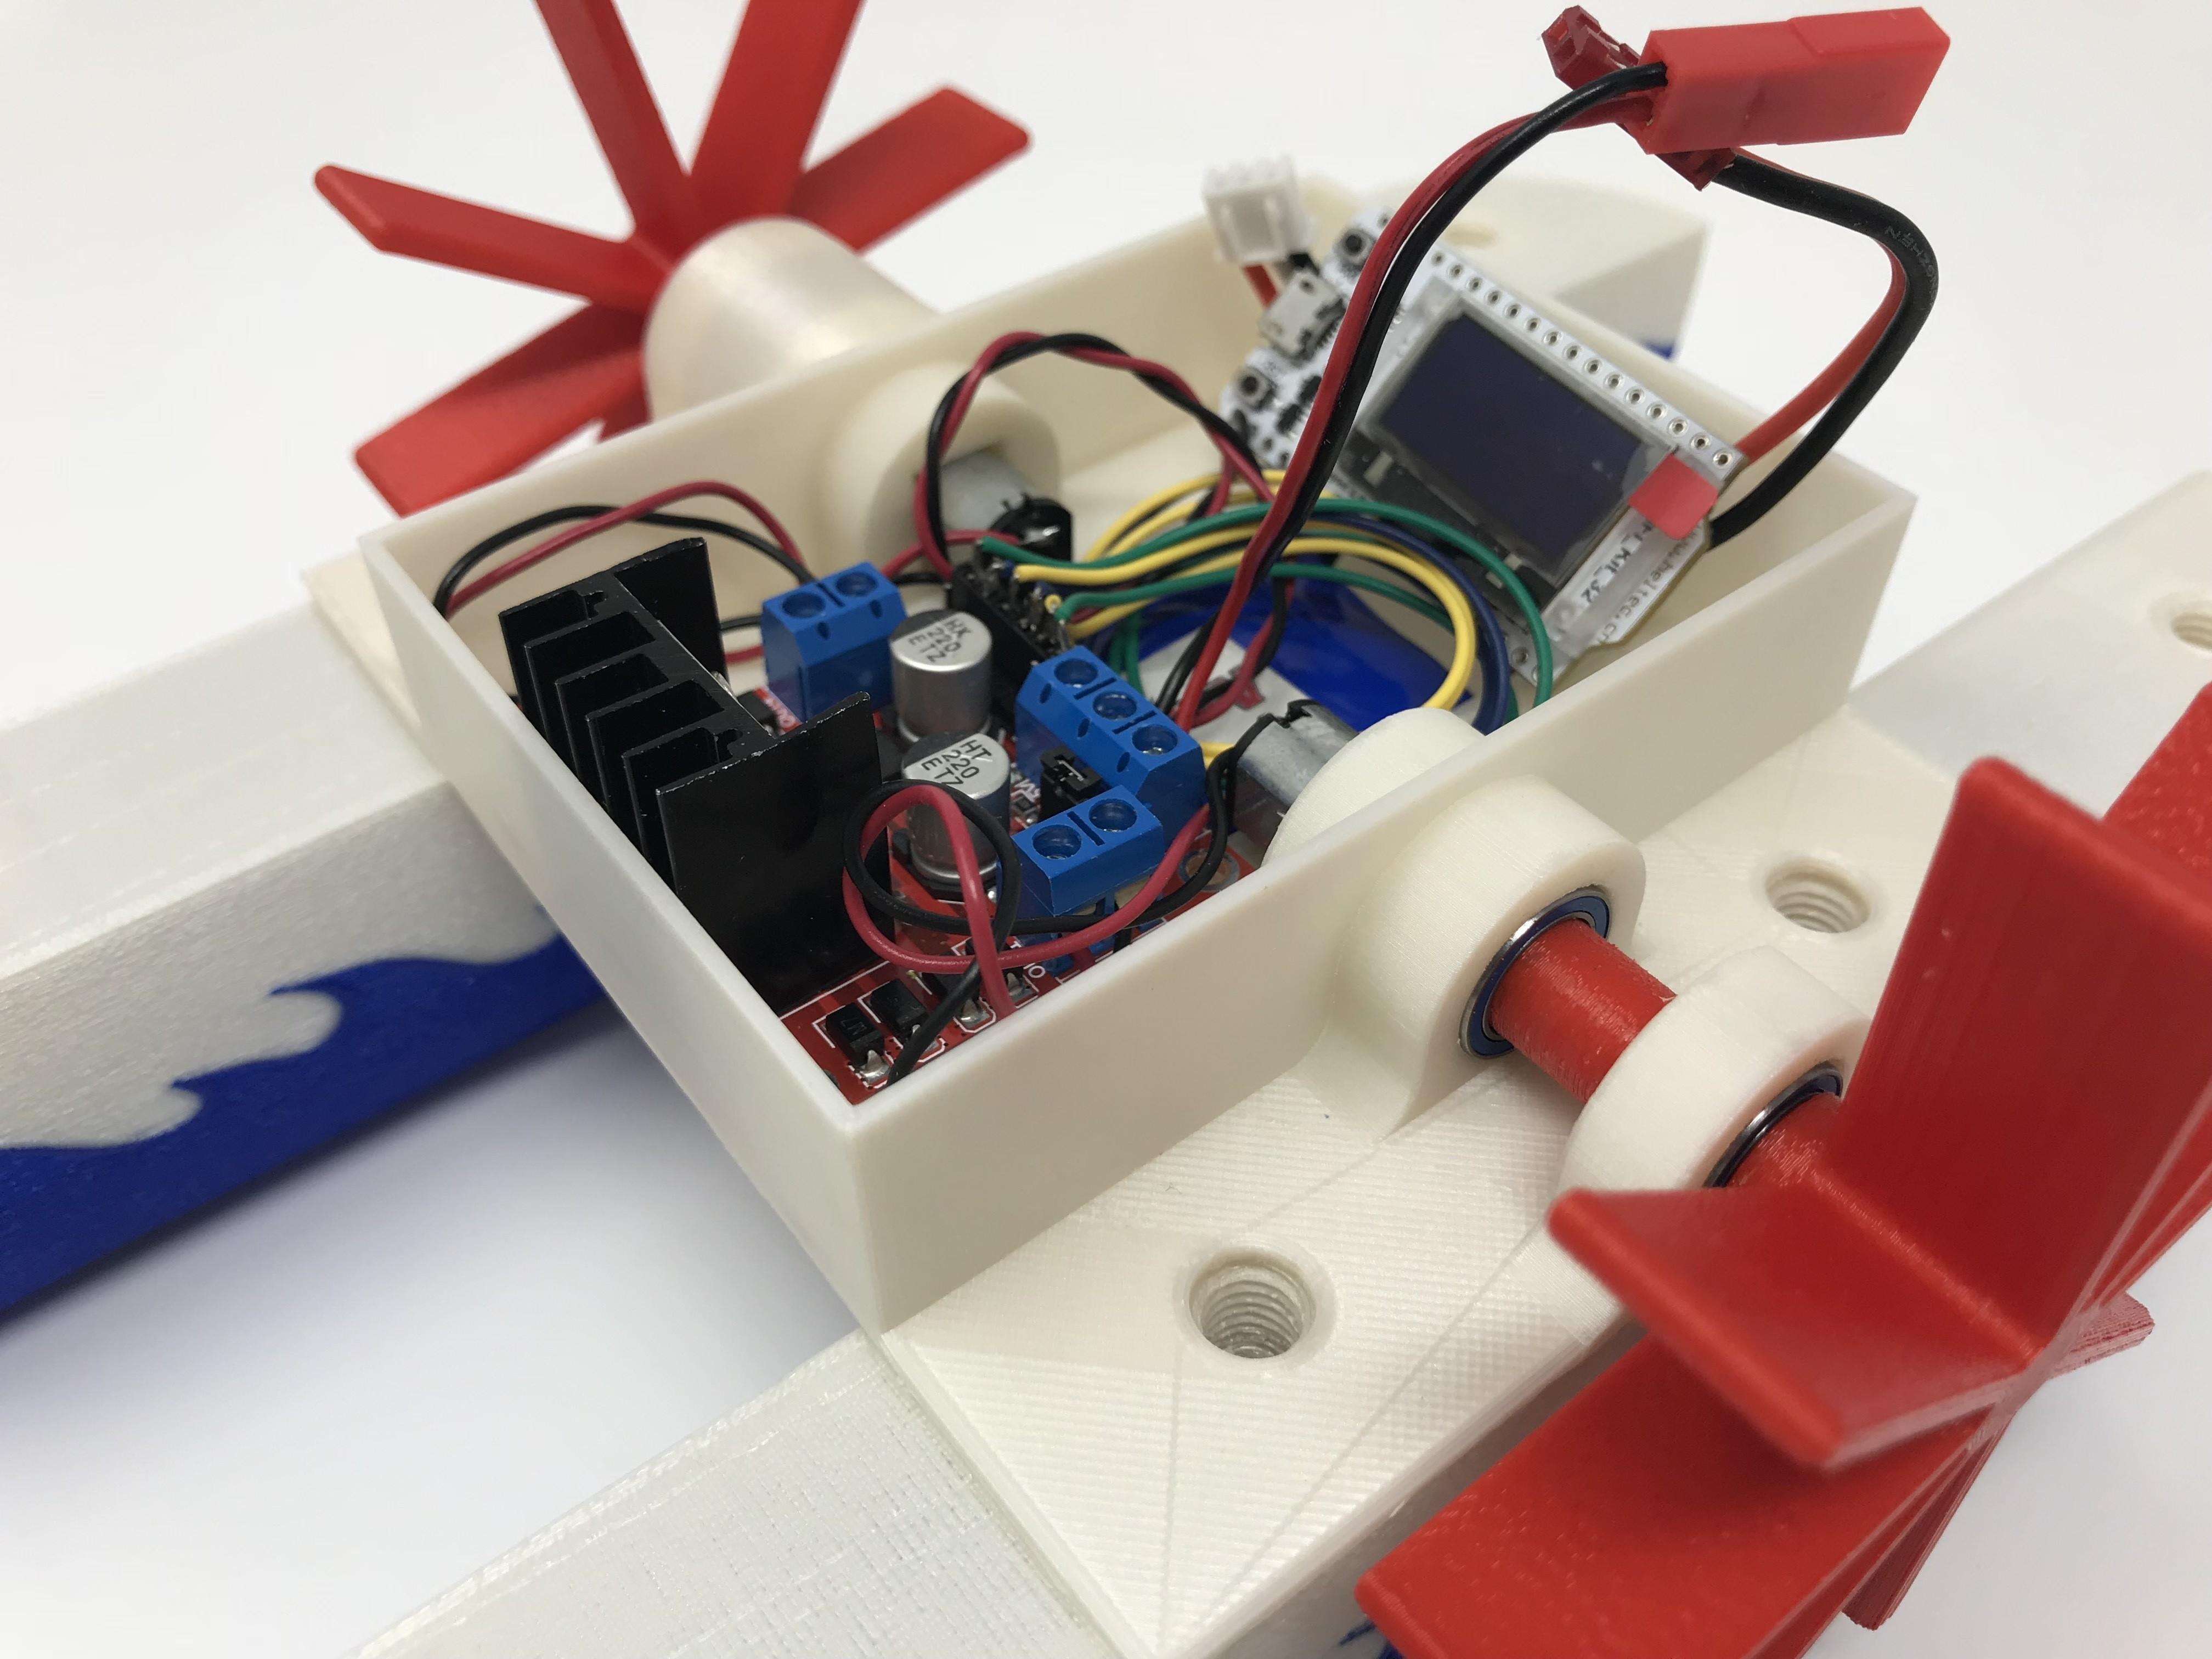 IMG_0829.jpg Download free STL file WiFi Paddle Boat • 3D printing design, gzumwalt